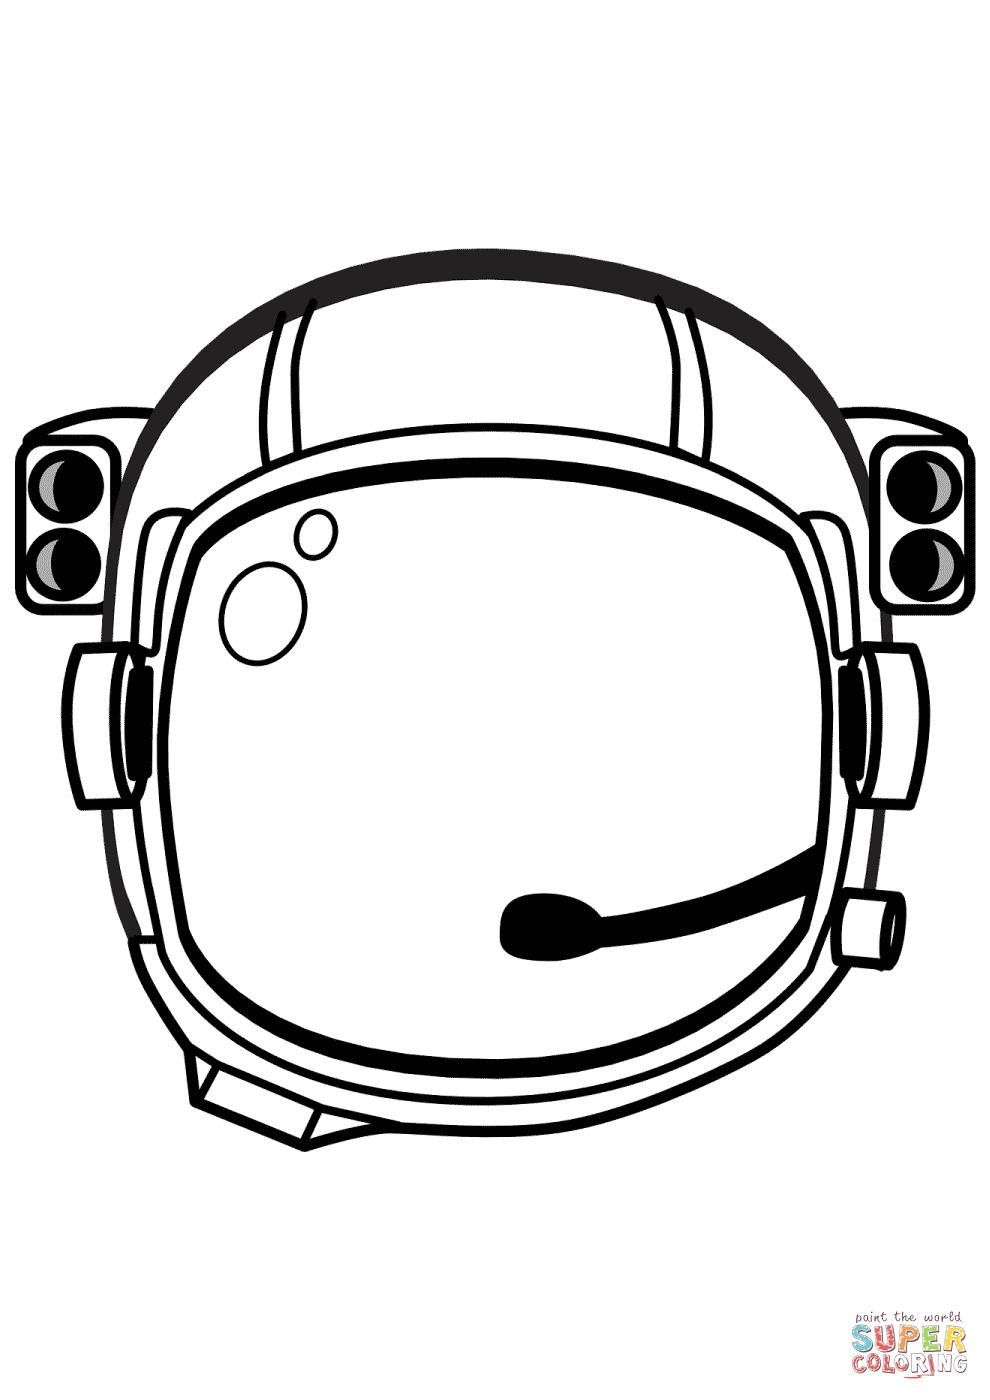 Astronaut Helmet Drawing : astronaut, helmet, drawing, Astronaut, Helmet, Coloring, Printable, Pages